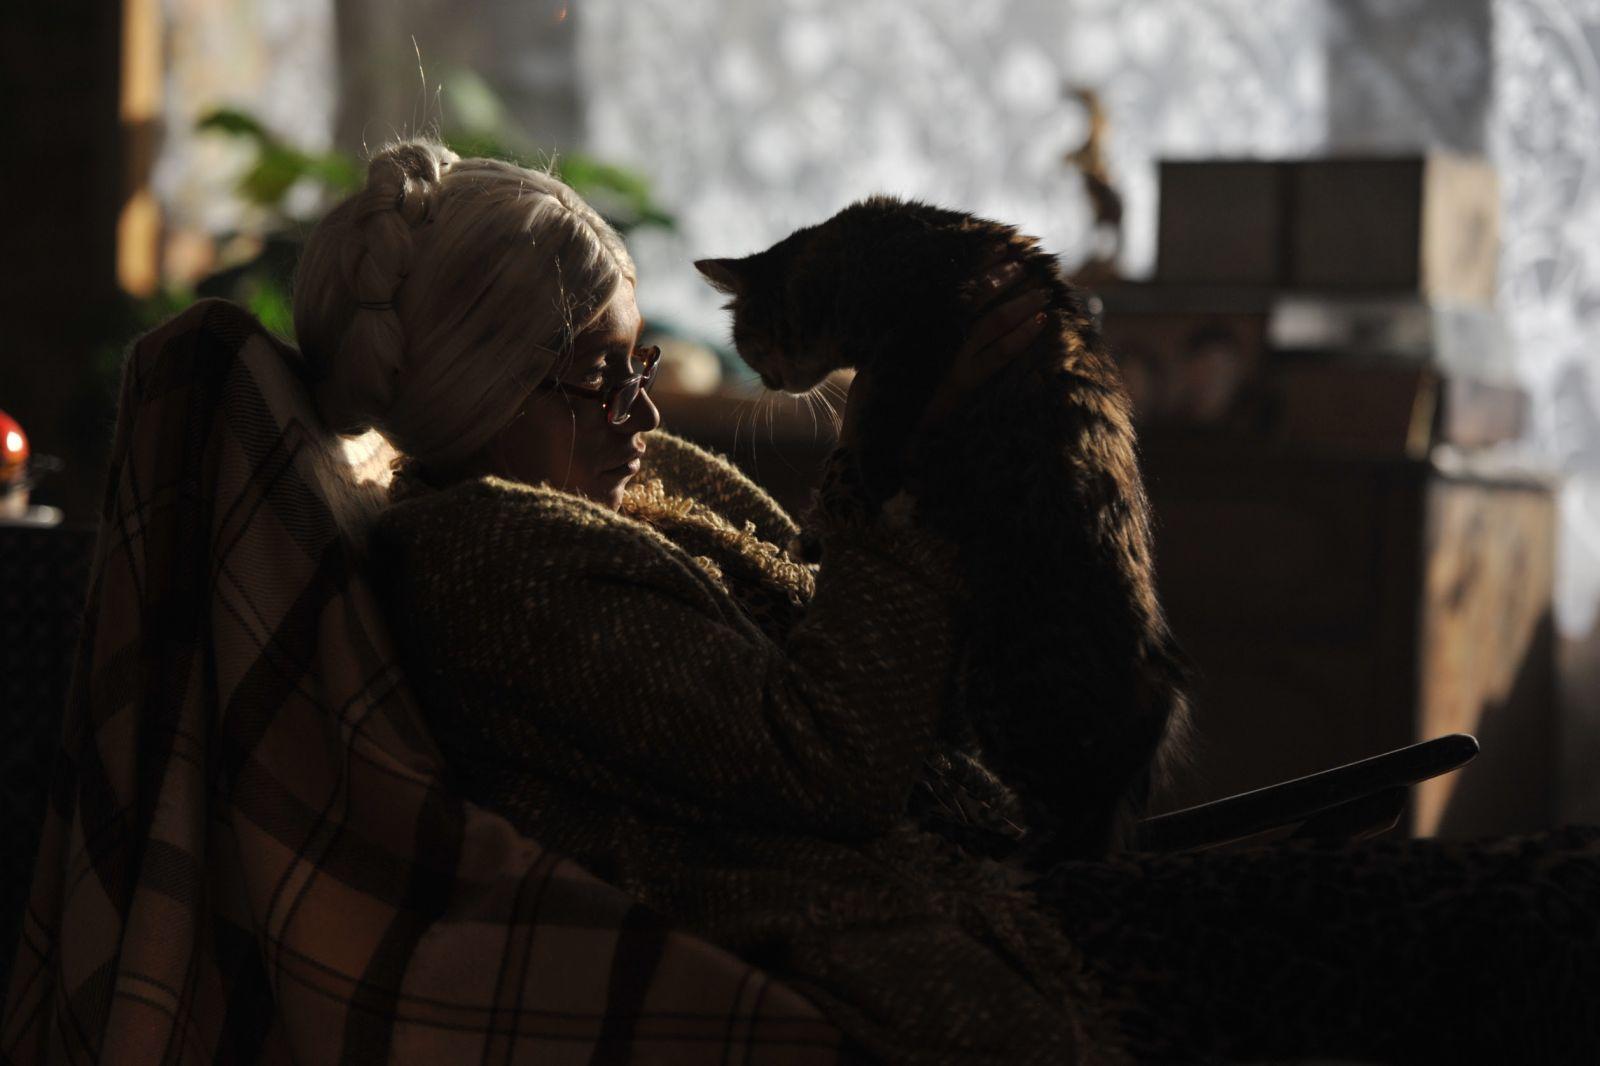 Регина Тодоренко перевоплотилась в 75-летнюю старуху в новом клипе